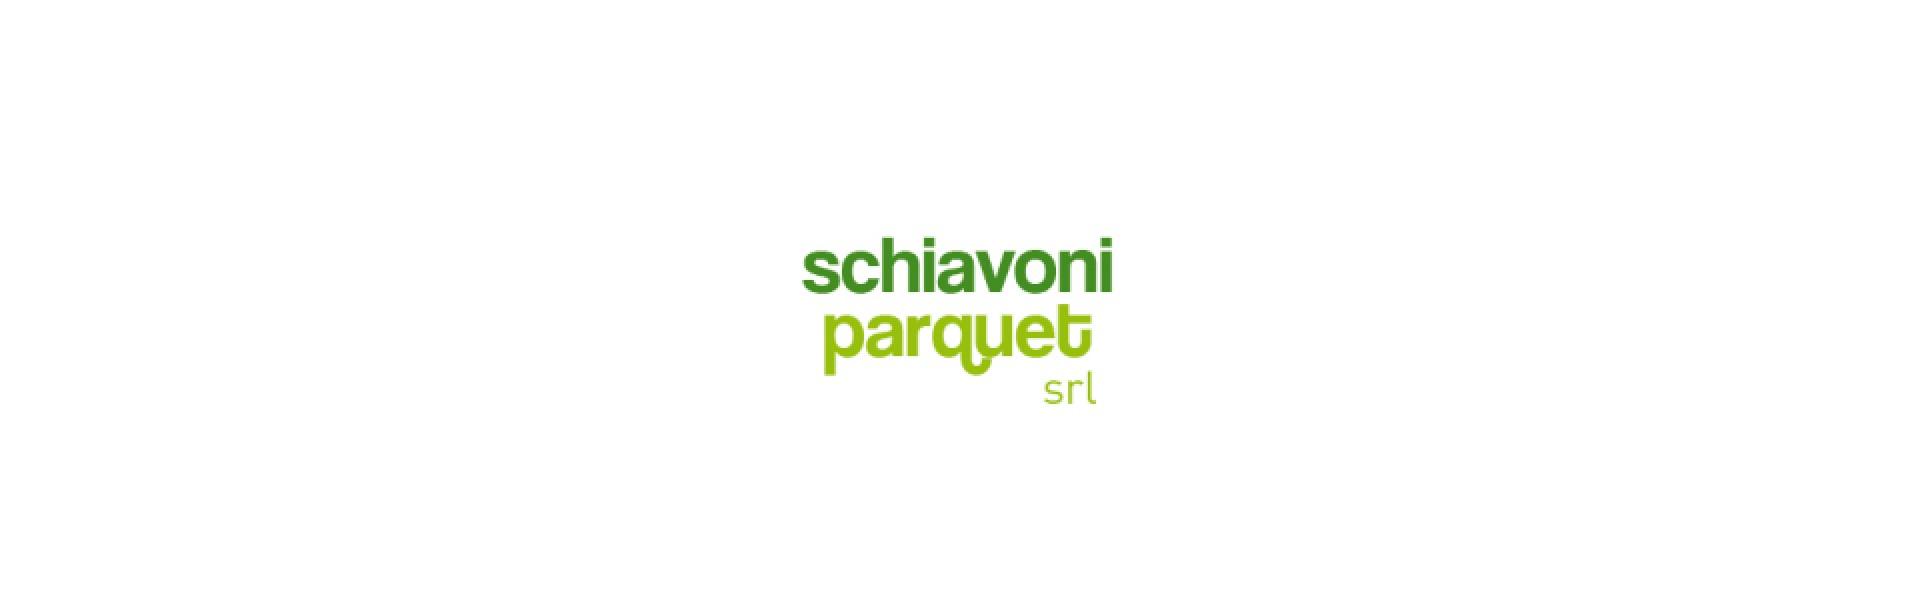 Schiavoni - Итальянские паркетные полы